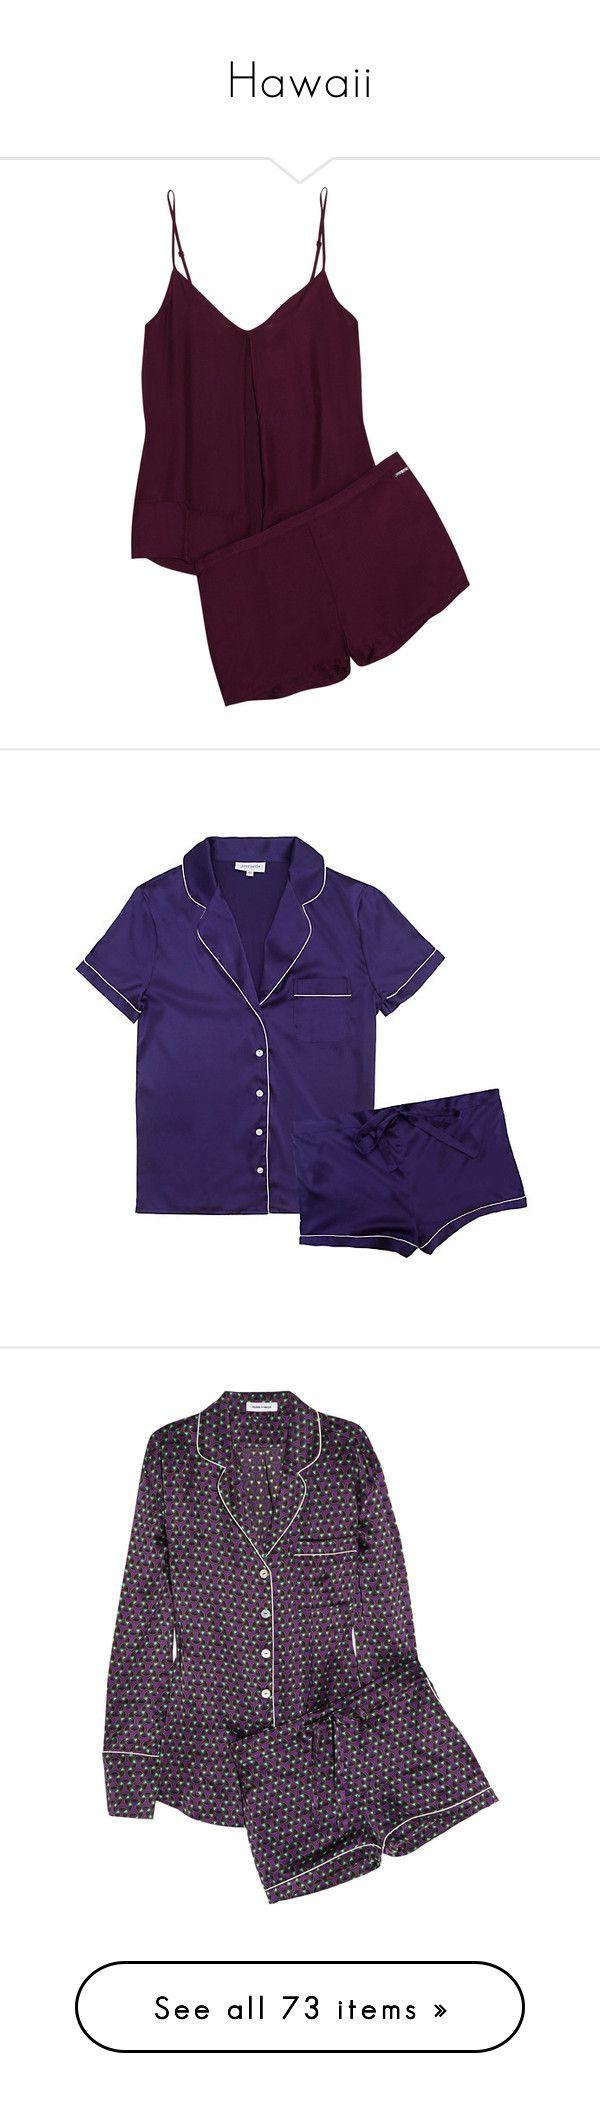 """""""Hawaii"""" by tynabrookler on Polyvore featuring intimates, sleepwear, pajamas, pyjamas, plum, satin pajamas, satin pjs, satin pyjamas, calvin klein underwear e satin pajama sets"""